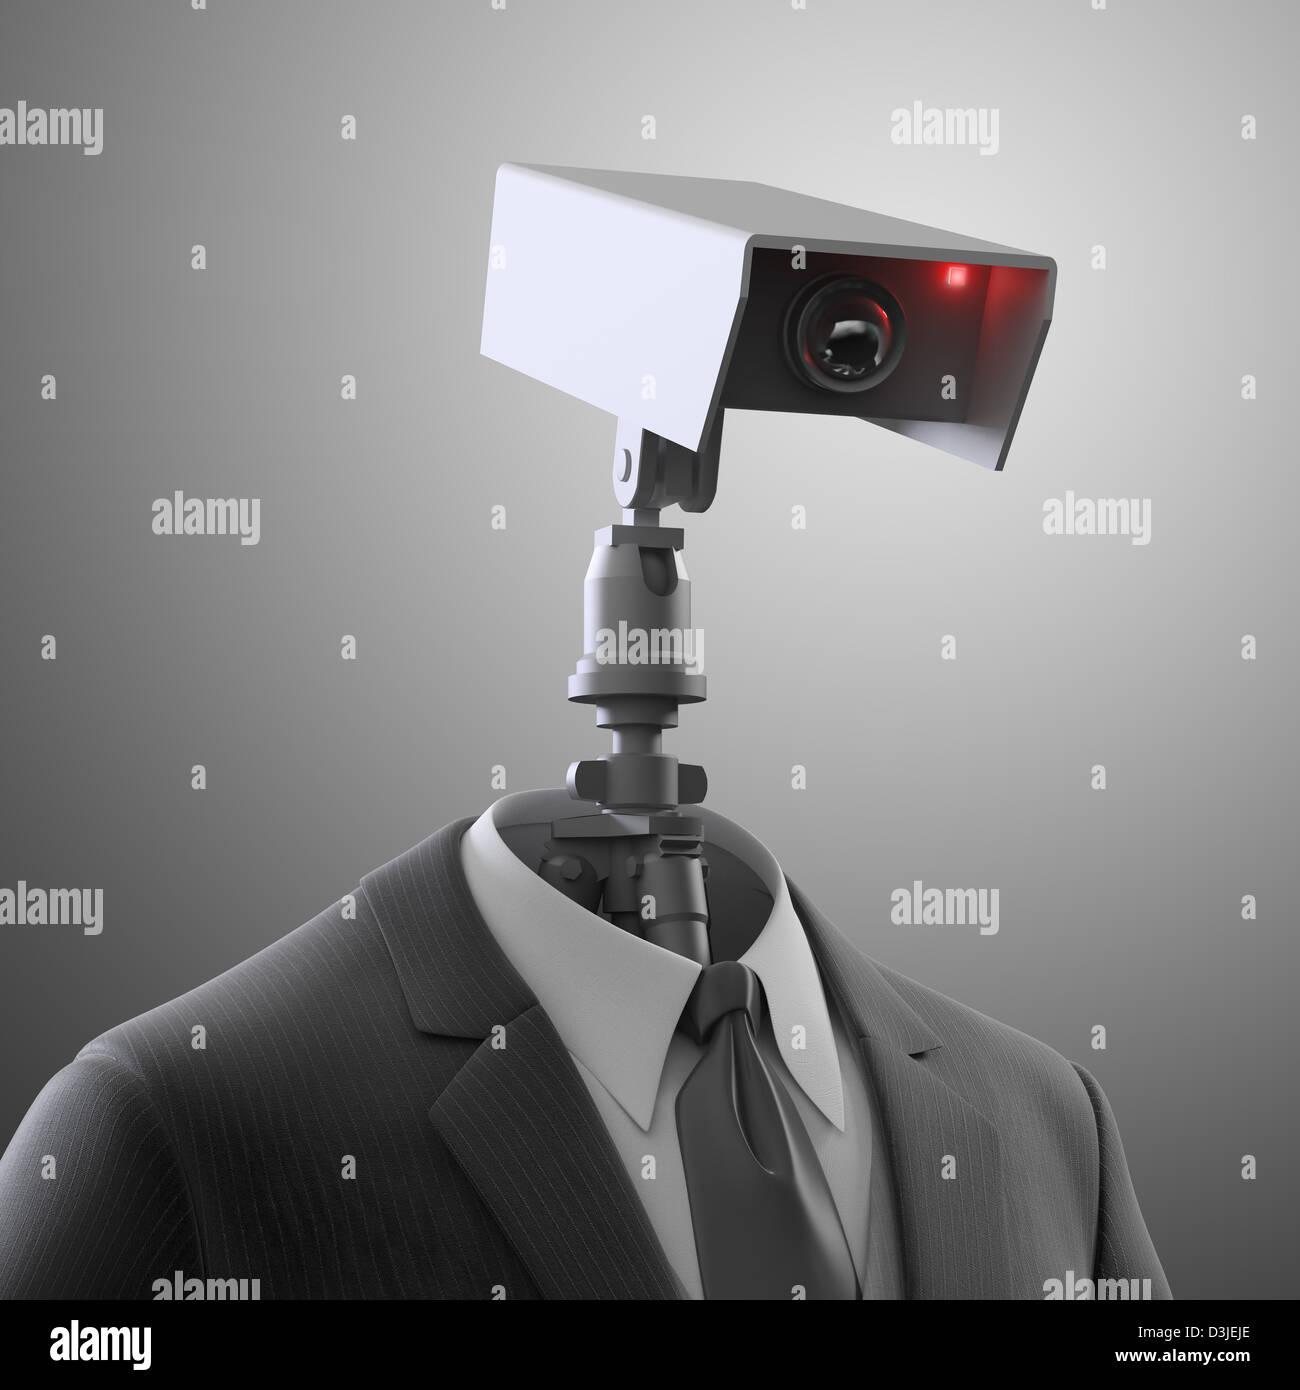 Un robot caméra de sécurité - surveillance automatisée Banque D'Images